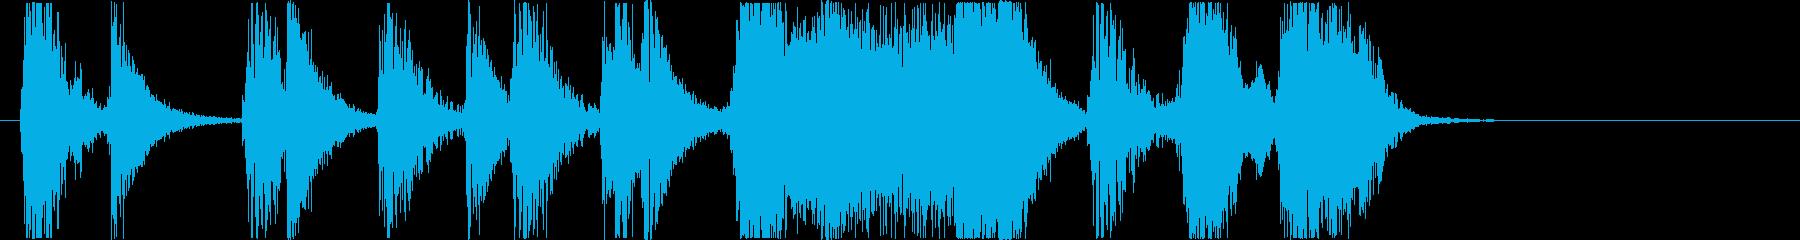 大勢のストンプと掛け声のジングルの再生済みの波形